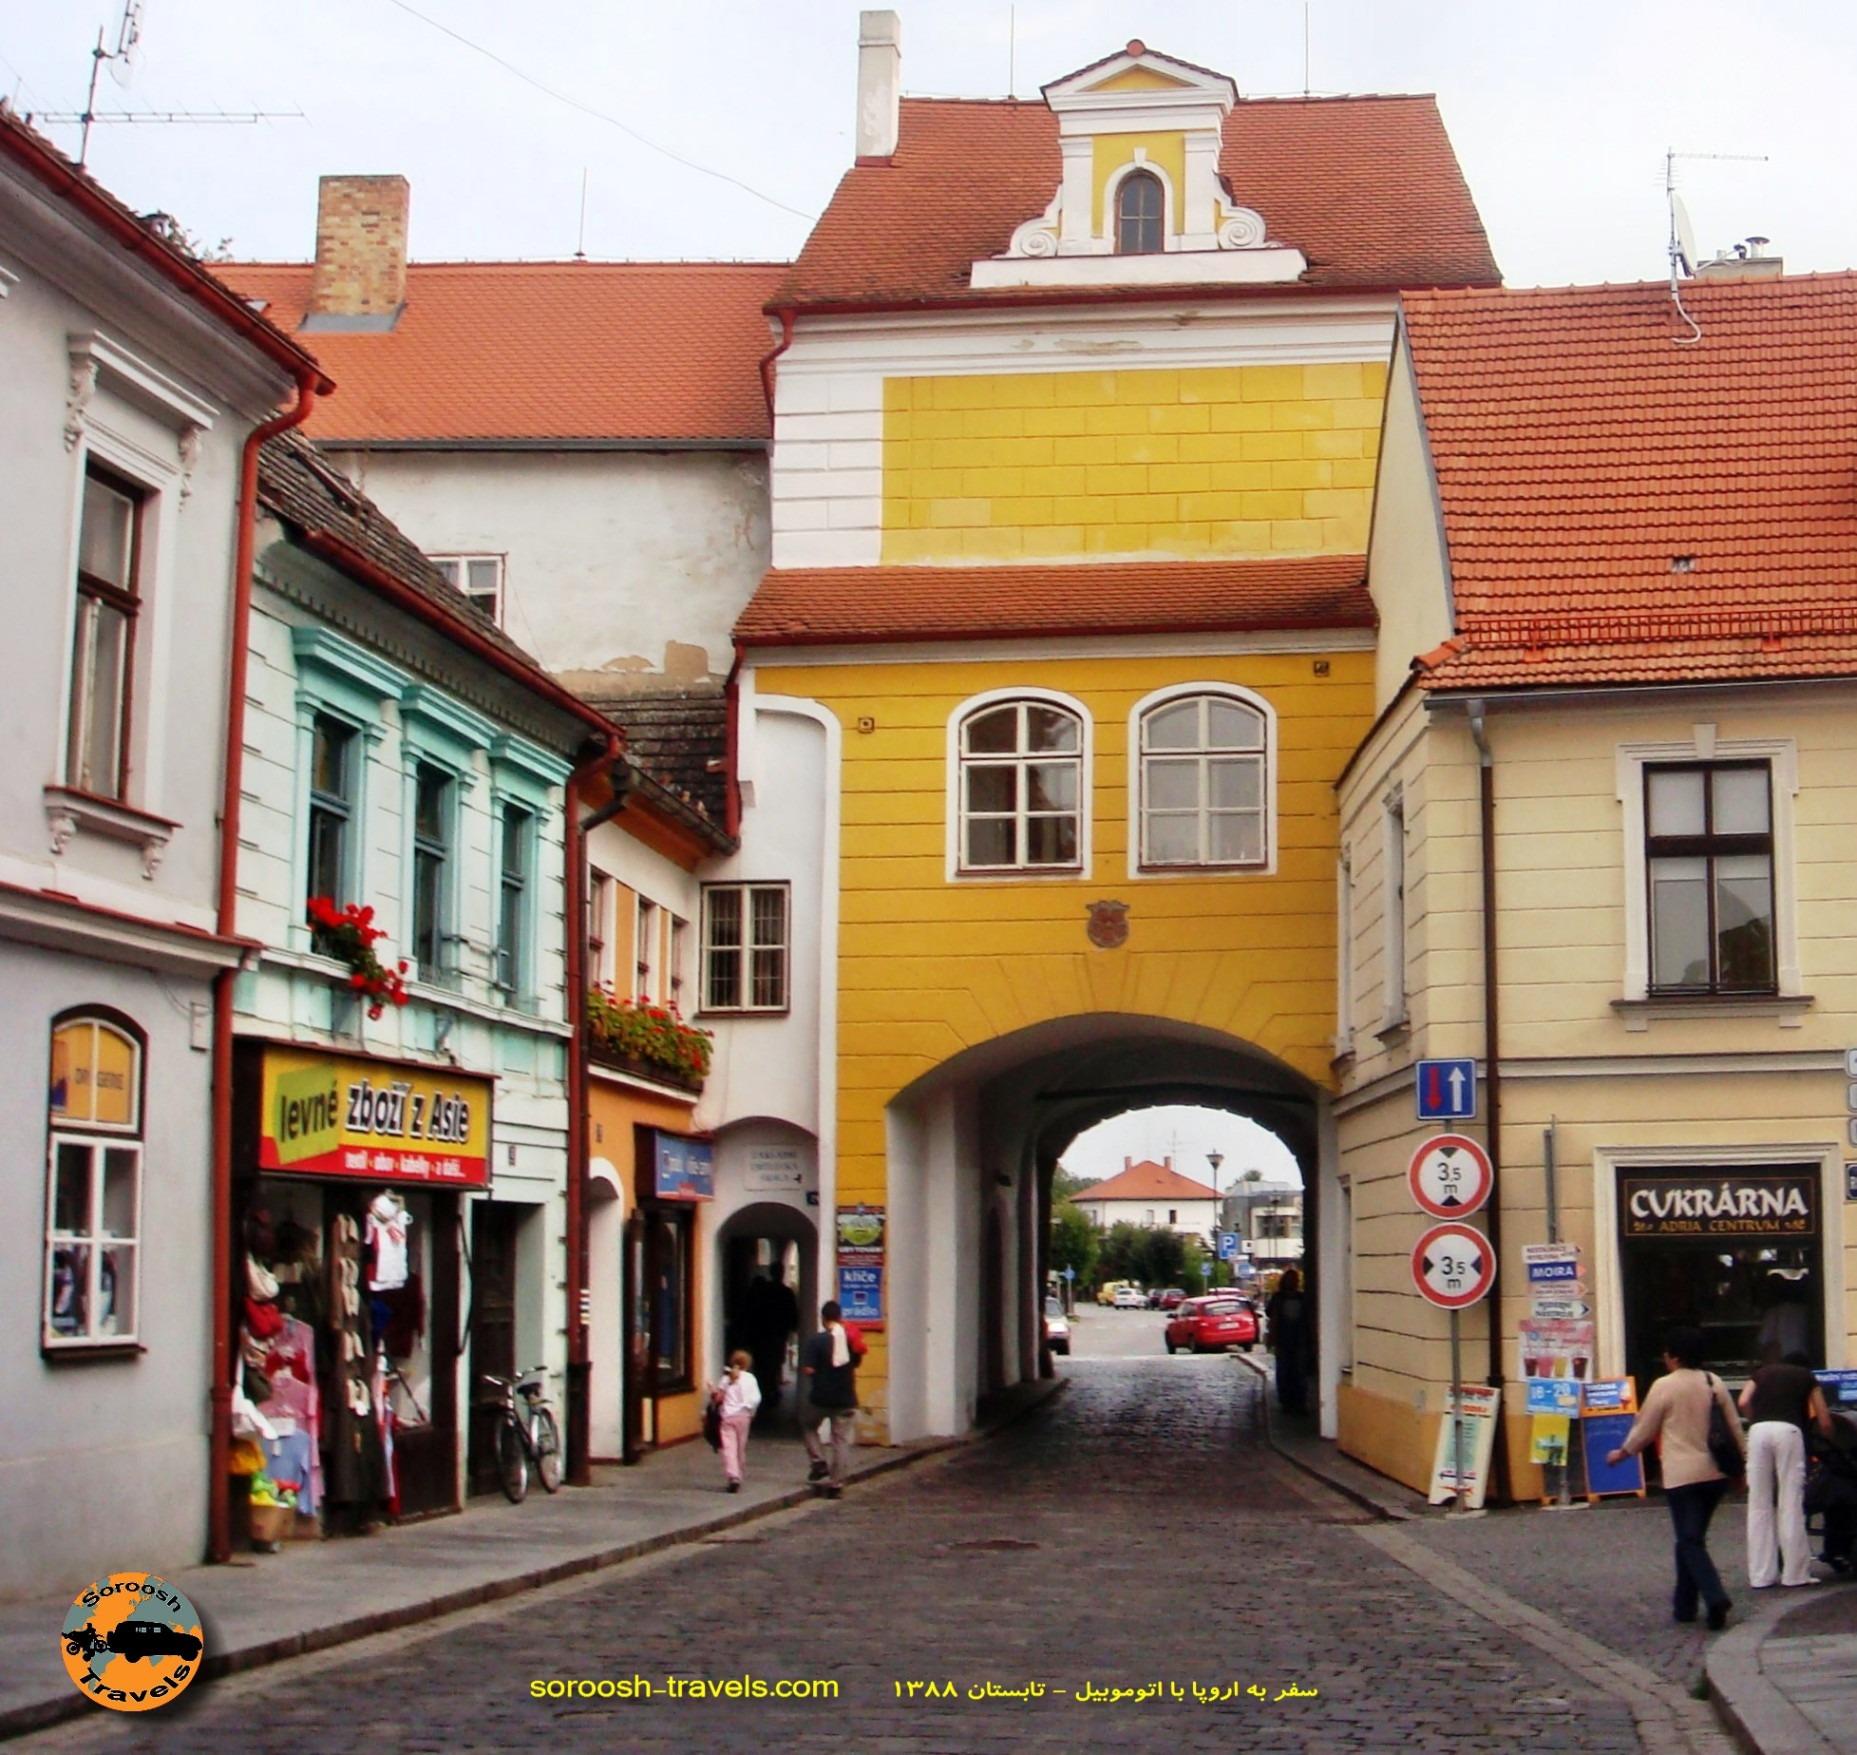 02-mehr-1388-24-september-2009-prague-in-czech-to-vienna-in-austria-1